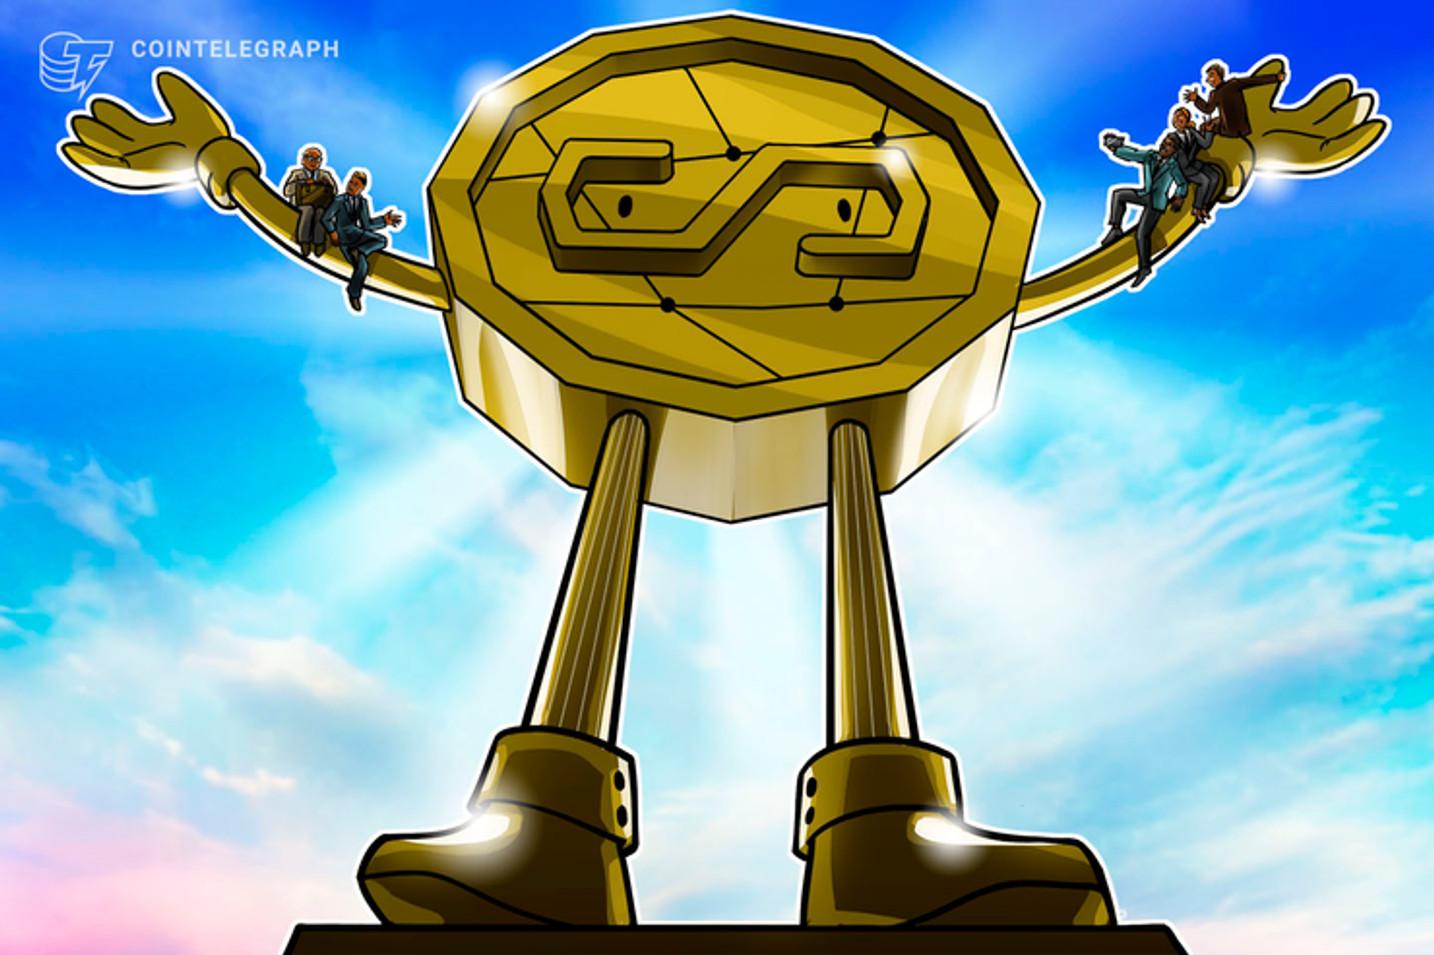 La società energetica italiana Sorgenia ha iniziato ad accettare pagamenti in Bitcoin